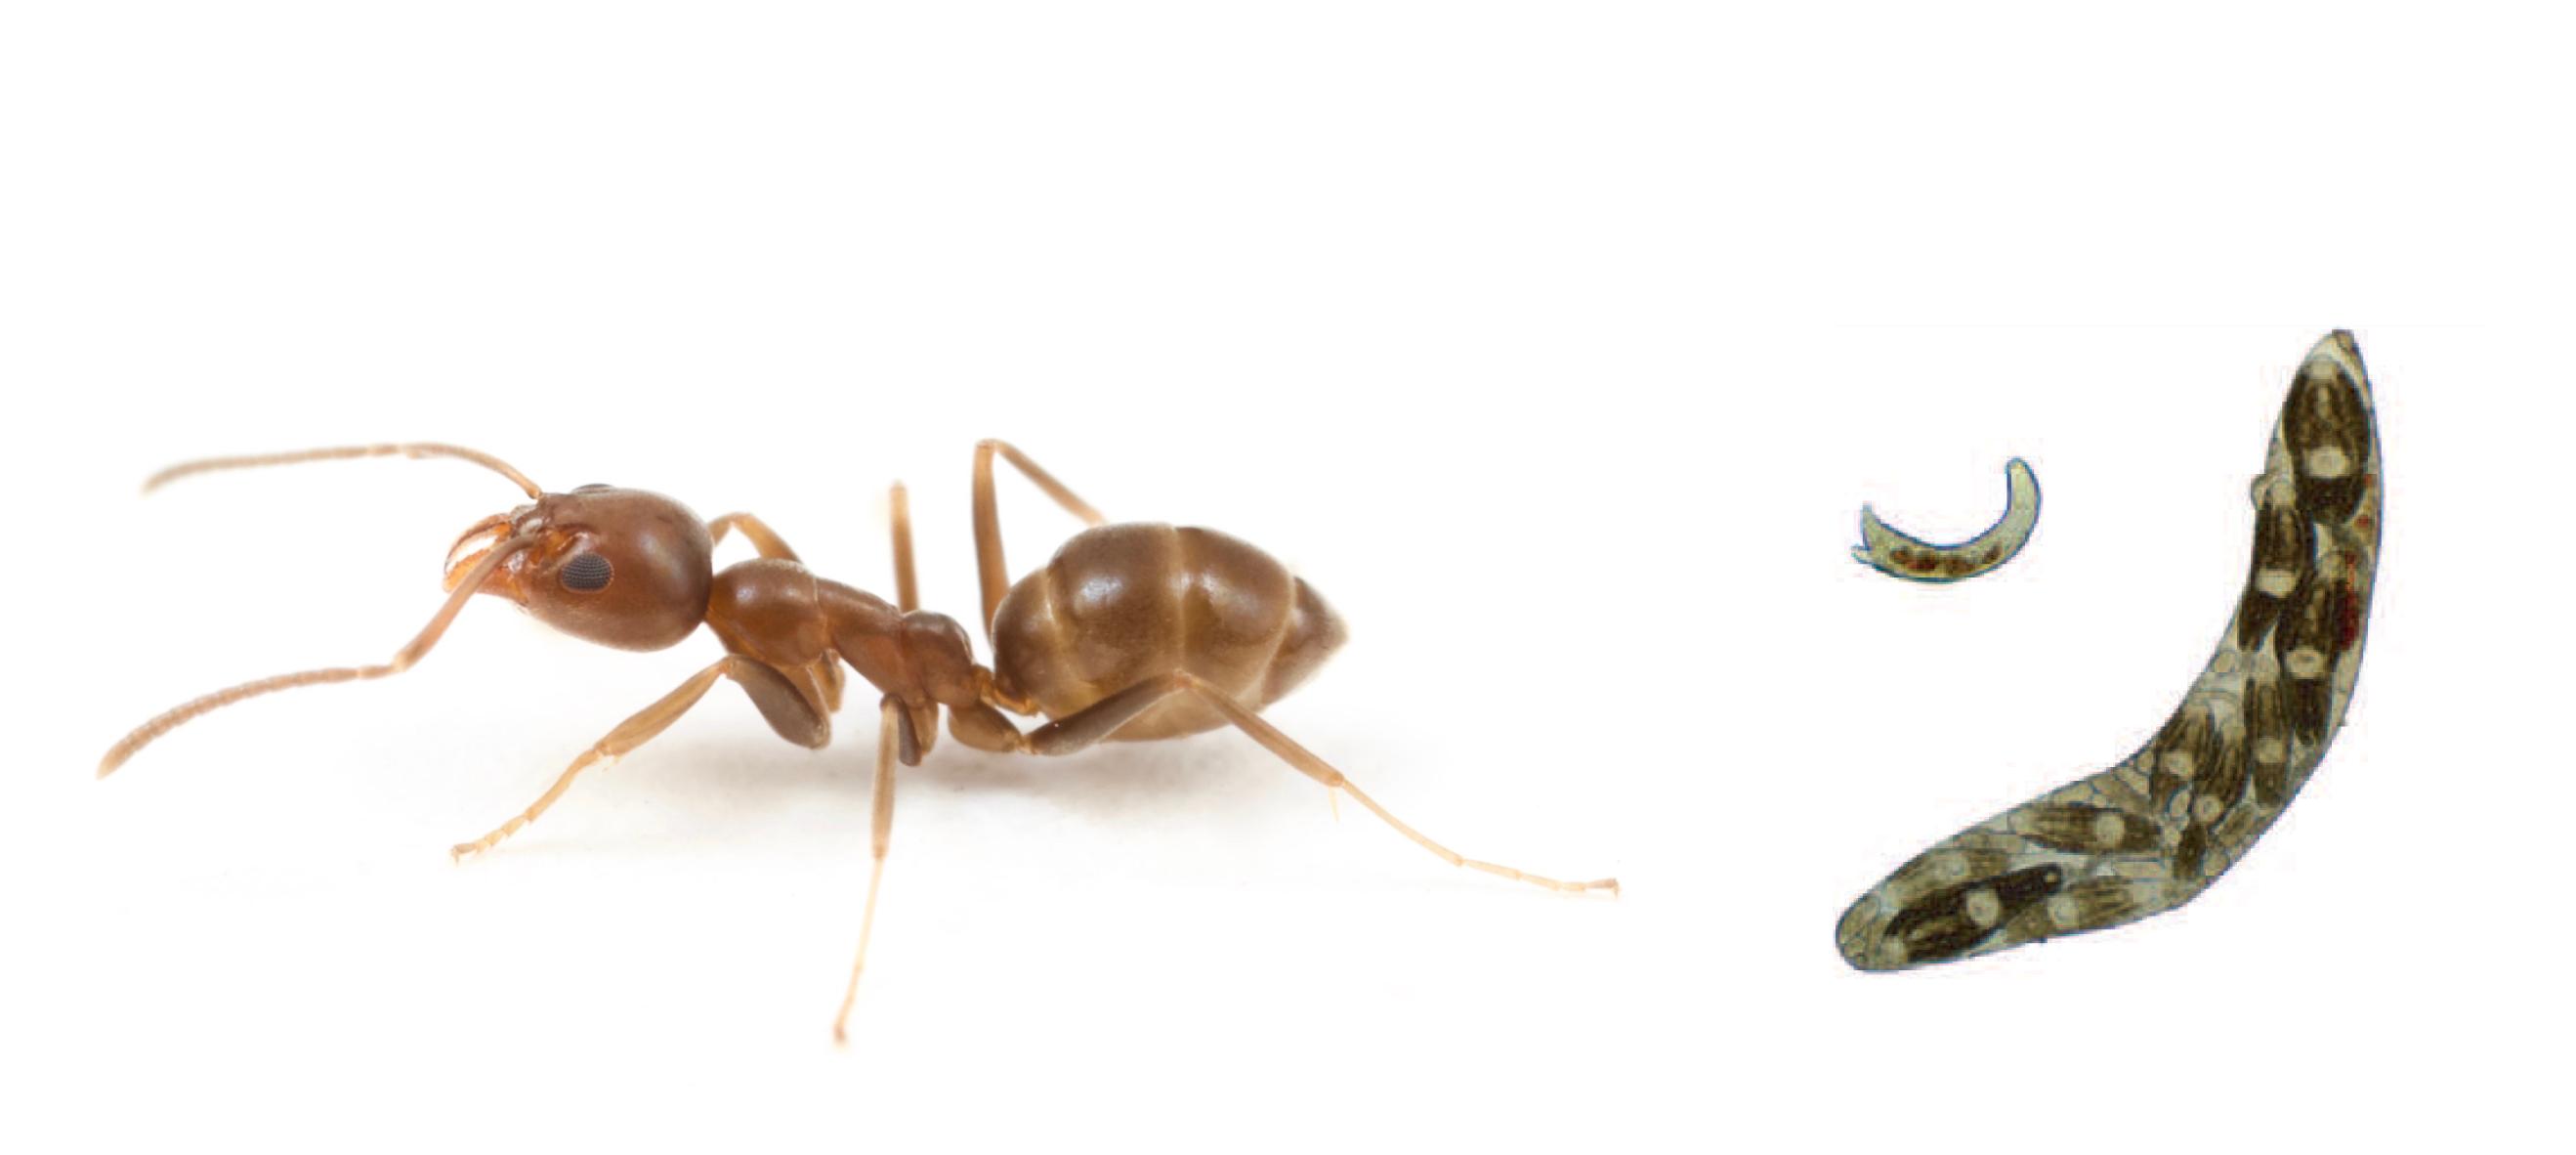 Ants & trematodes